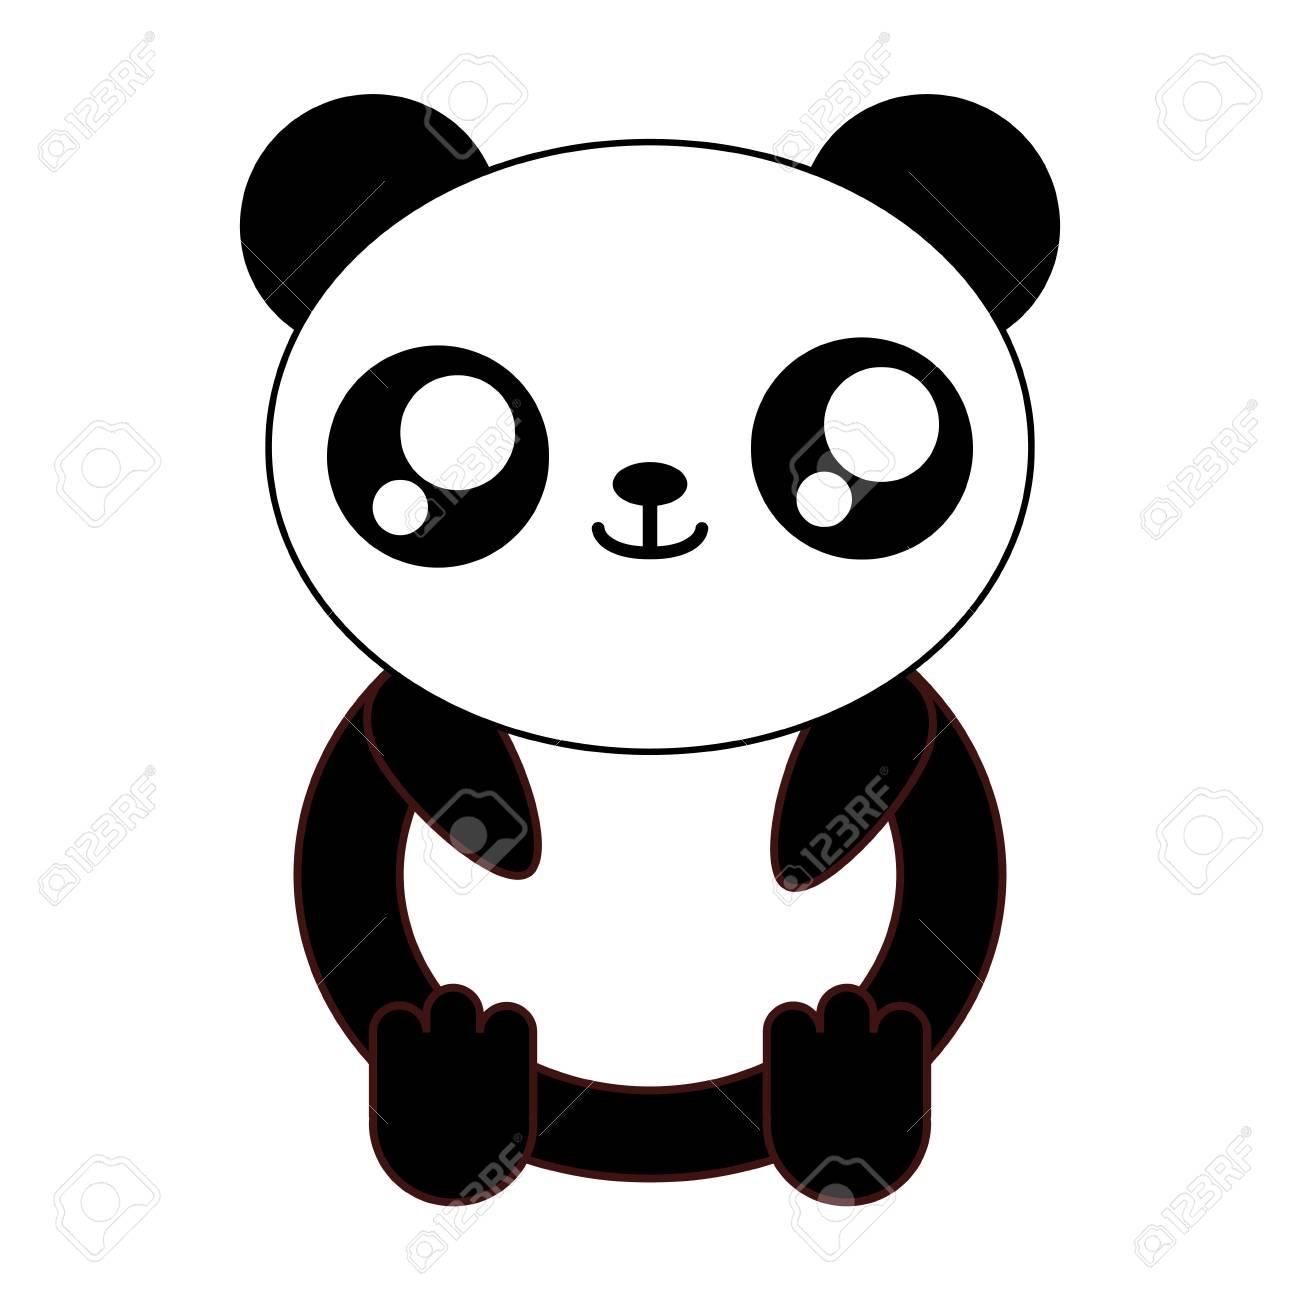 Como Dibujar Panda Kawaii Paso A Paso Fotos De Amor